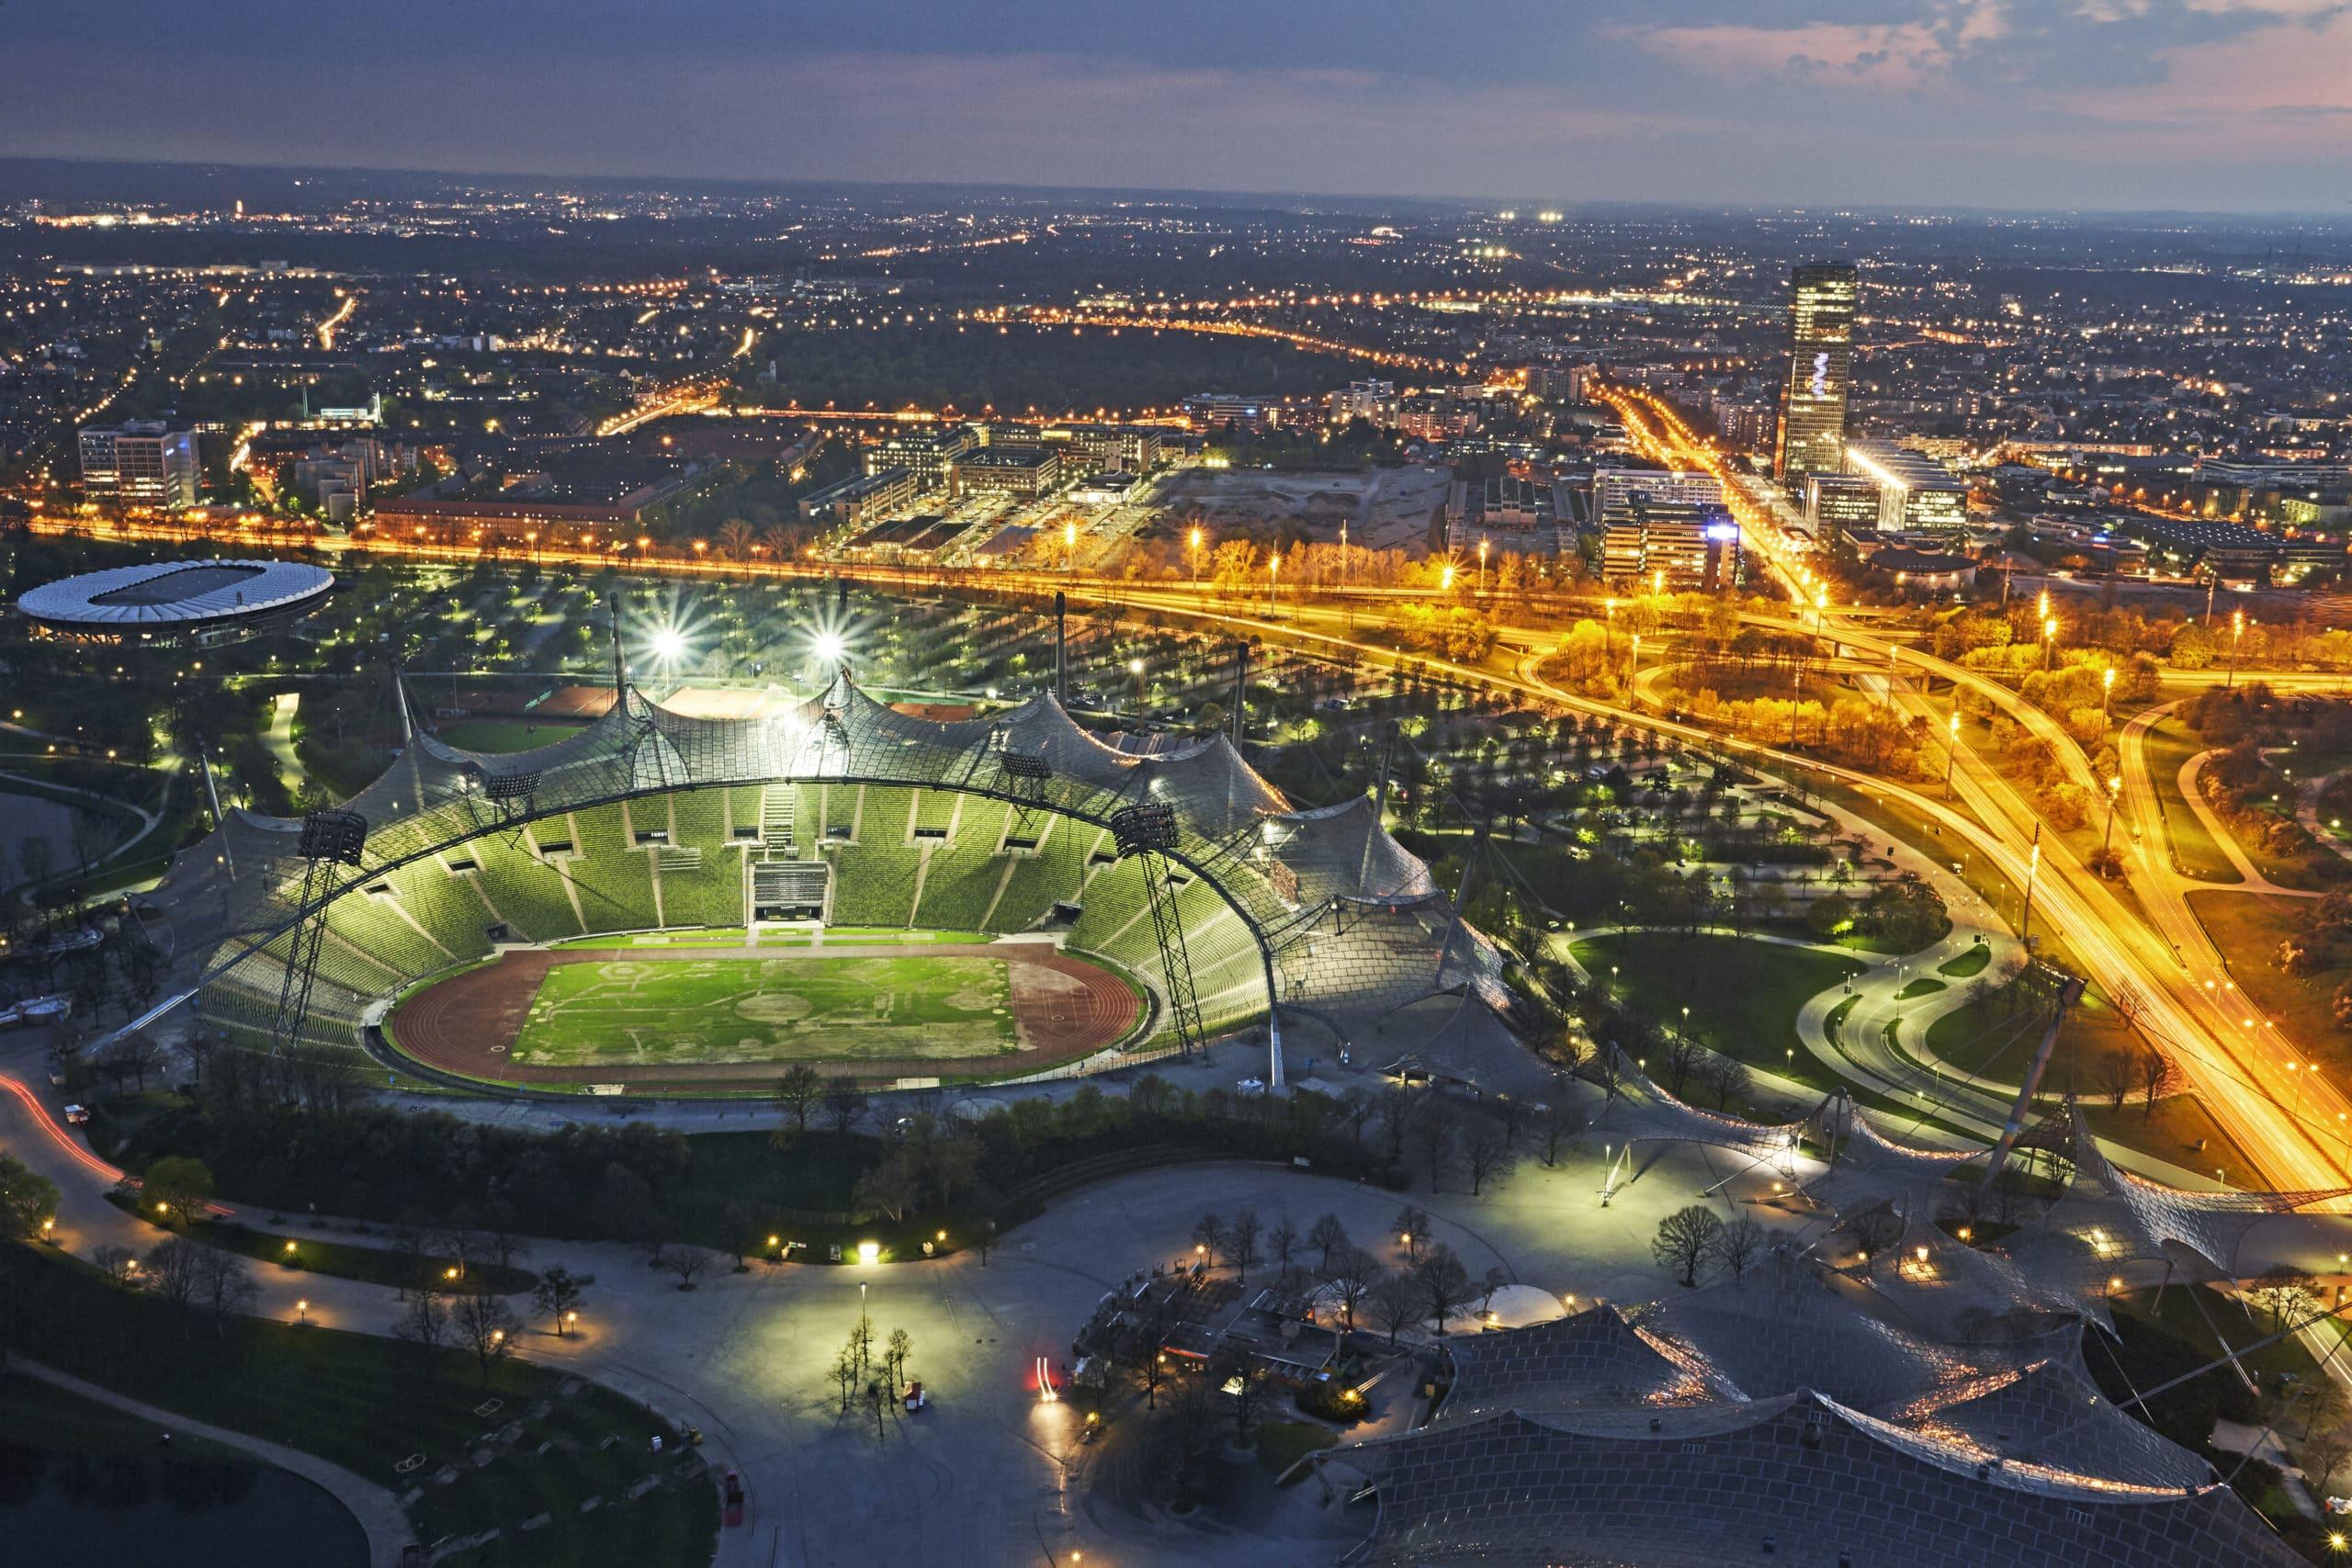 Aerial view of Munich's Olympic stadium illuminated at night